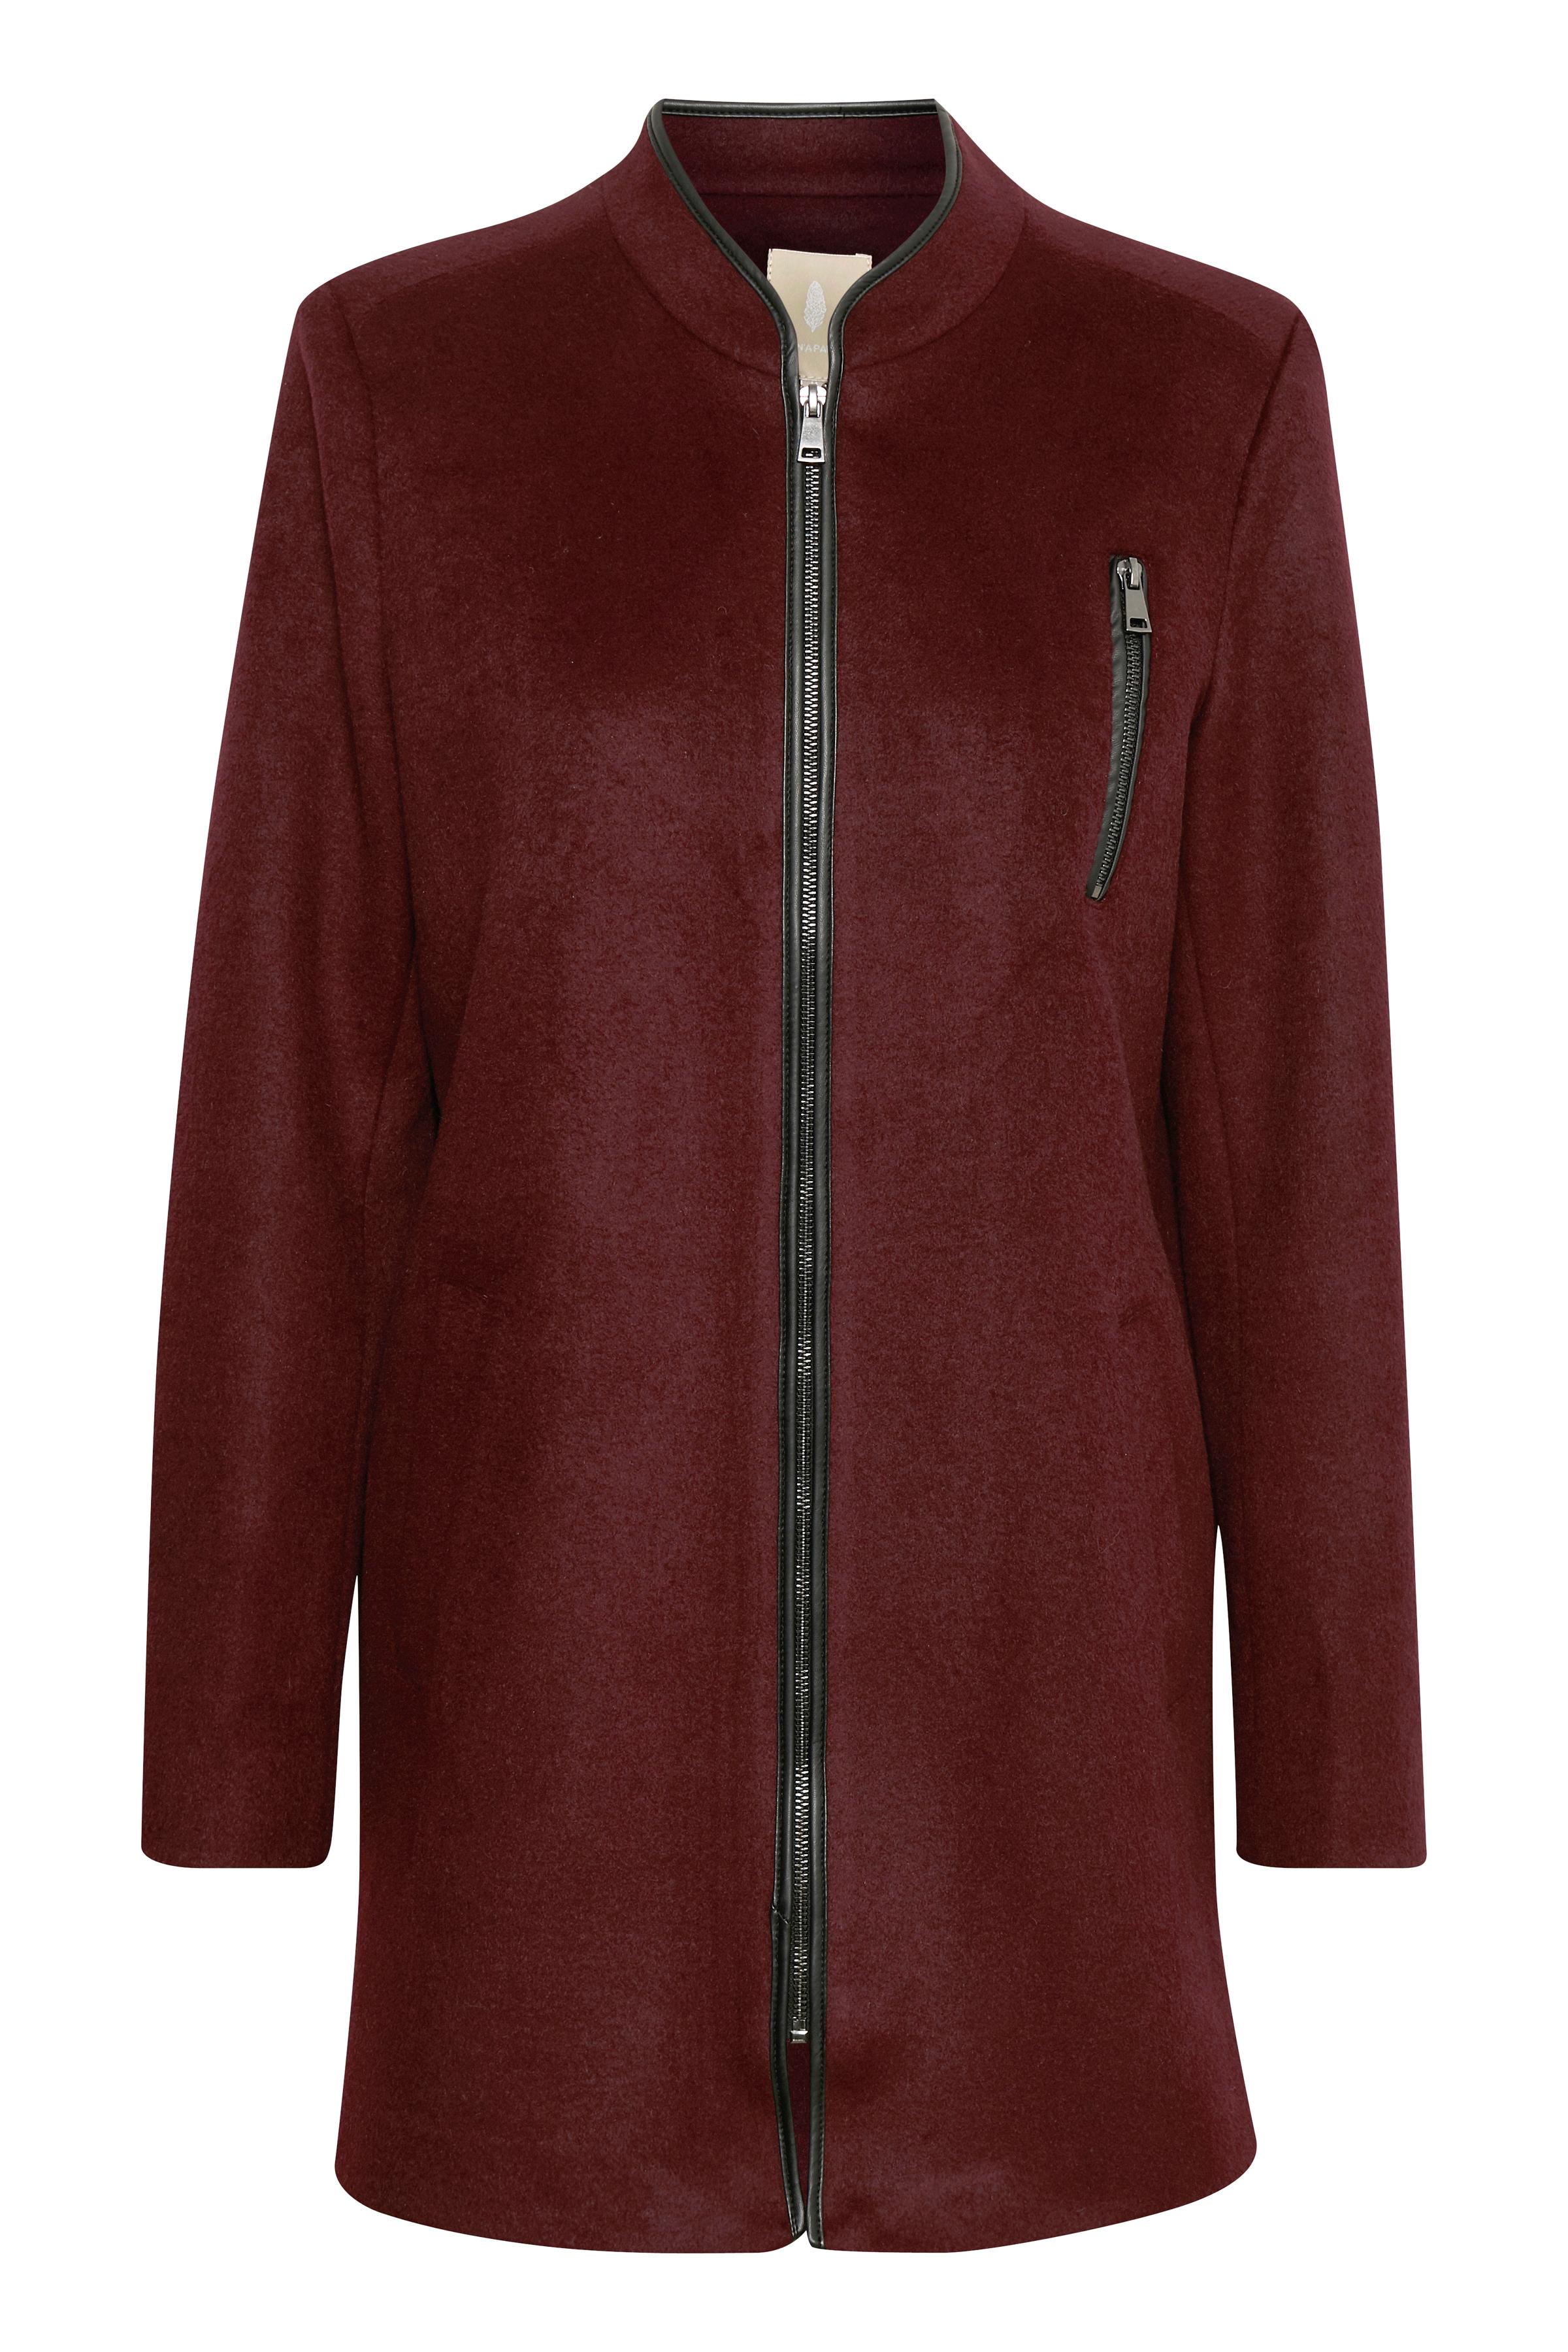 Bordeaux Frakke fra Bon'A Parte – Køb Bordeaux Frakke fra str. S-2XL her